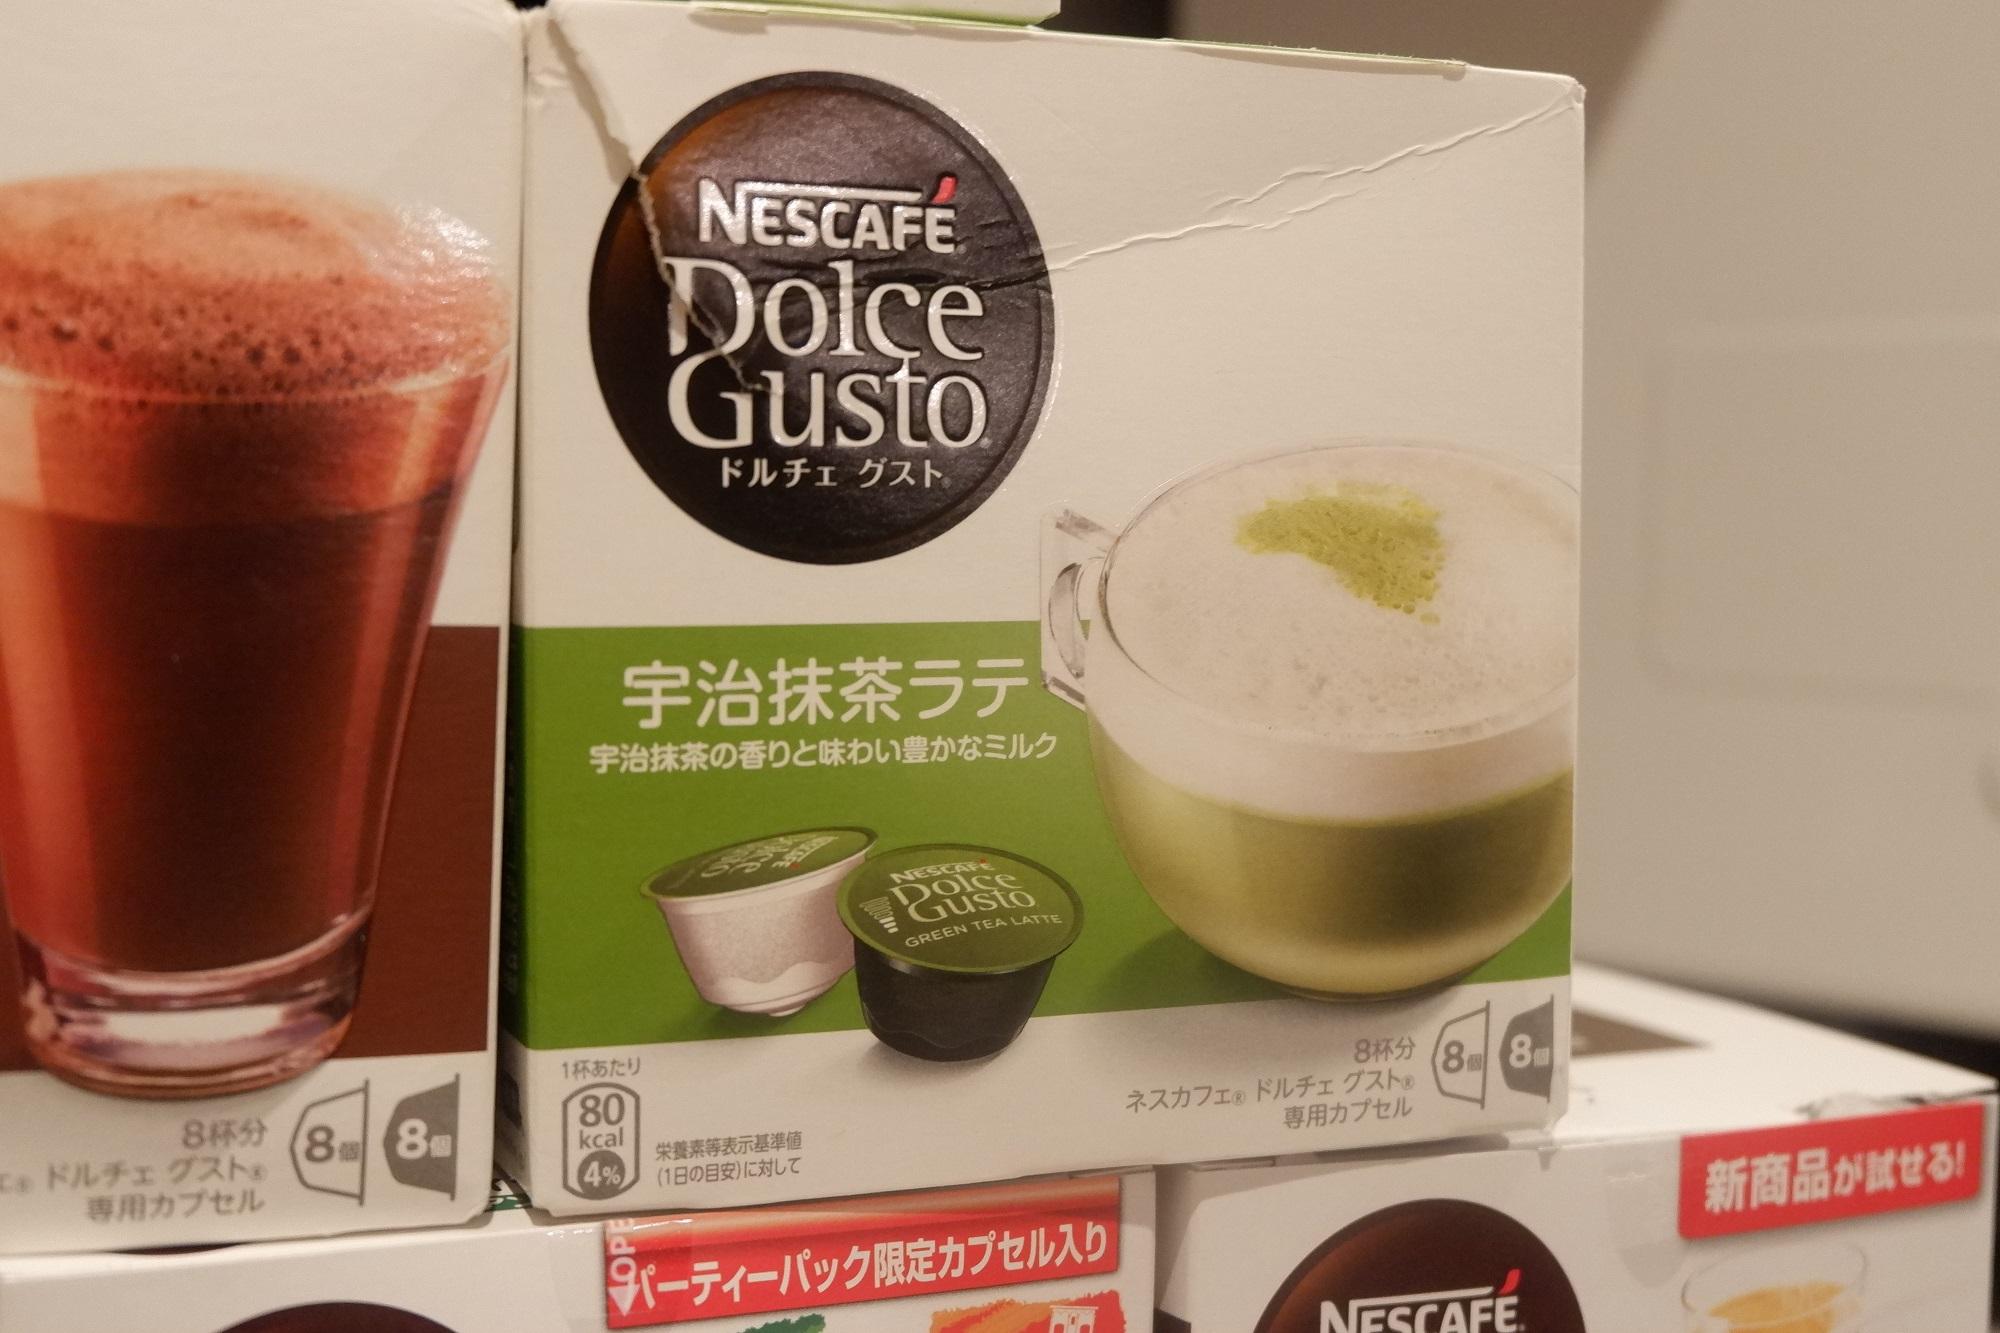 ドルチェグスト - 宇治抹茶ラテ